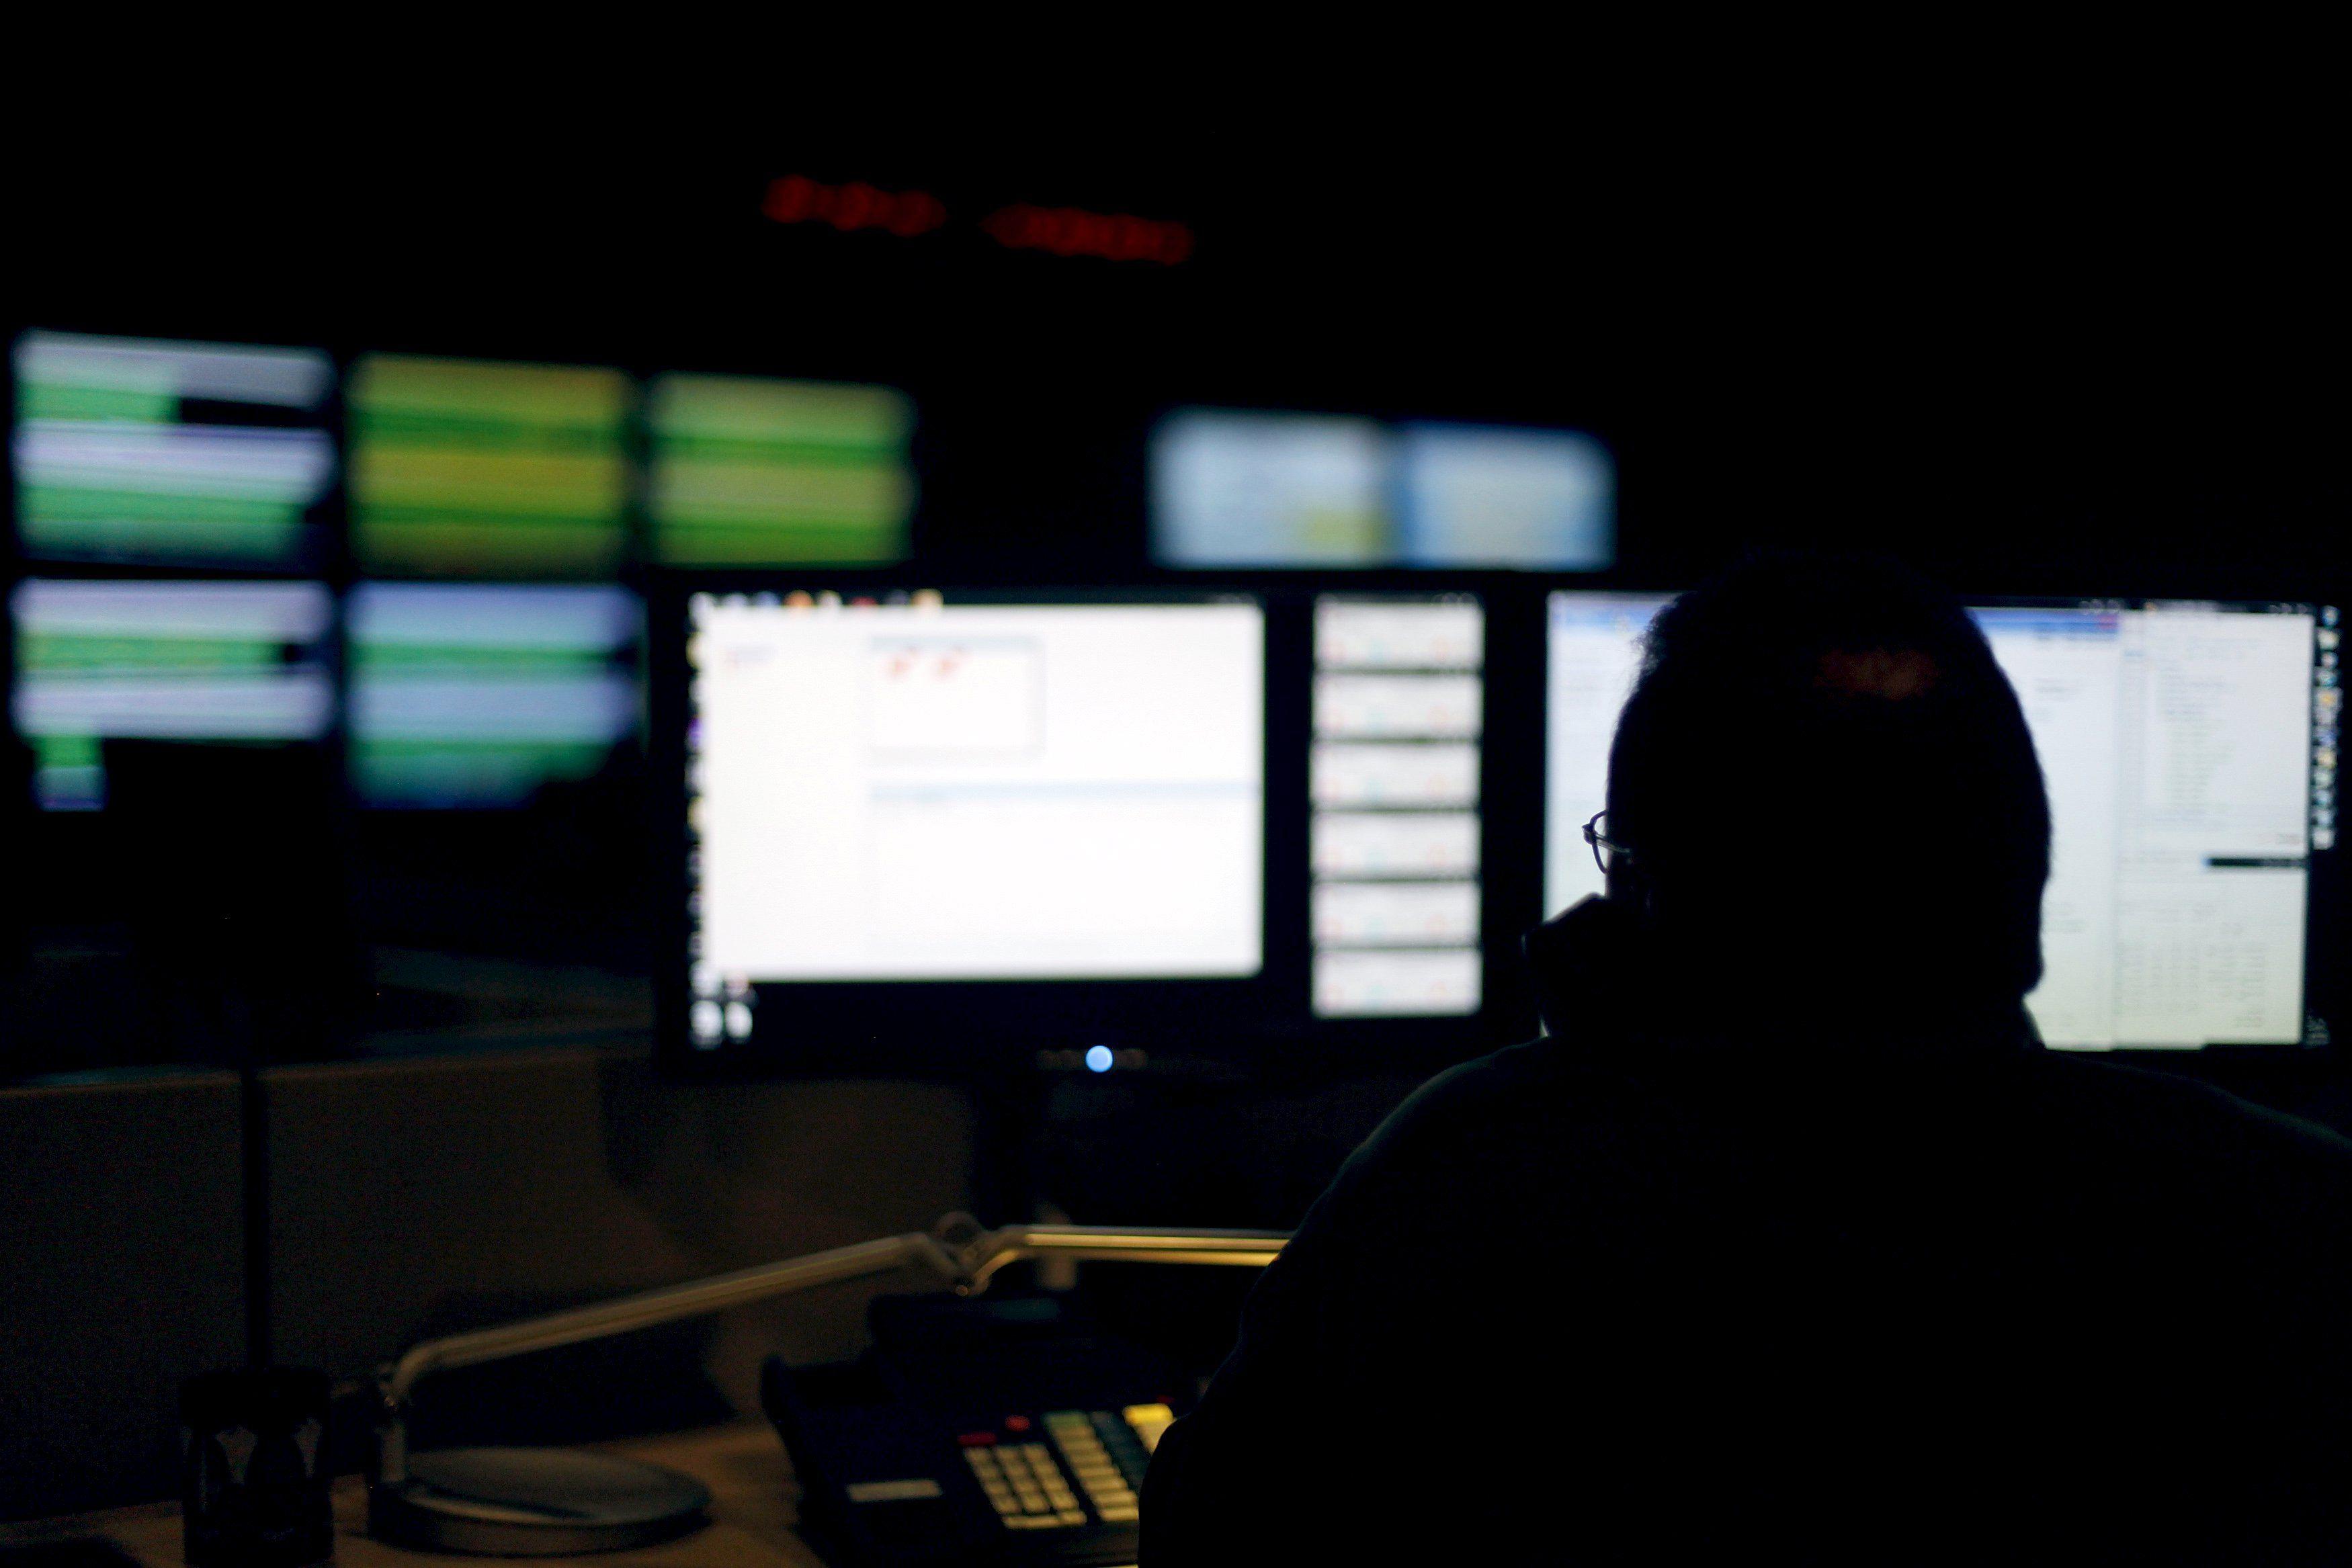 الجيش الأمريكي يغلق موقعه الإلكتروني بعد تعرضه للإختراق